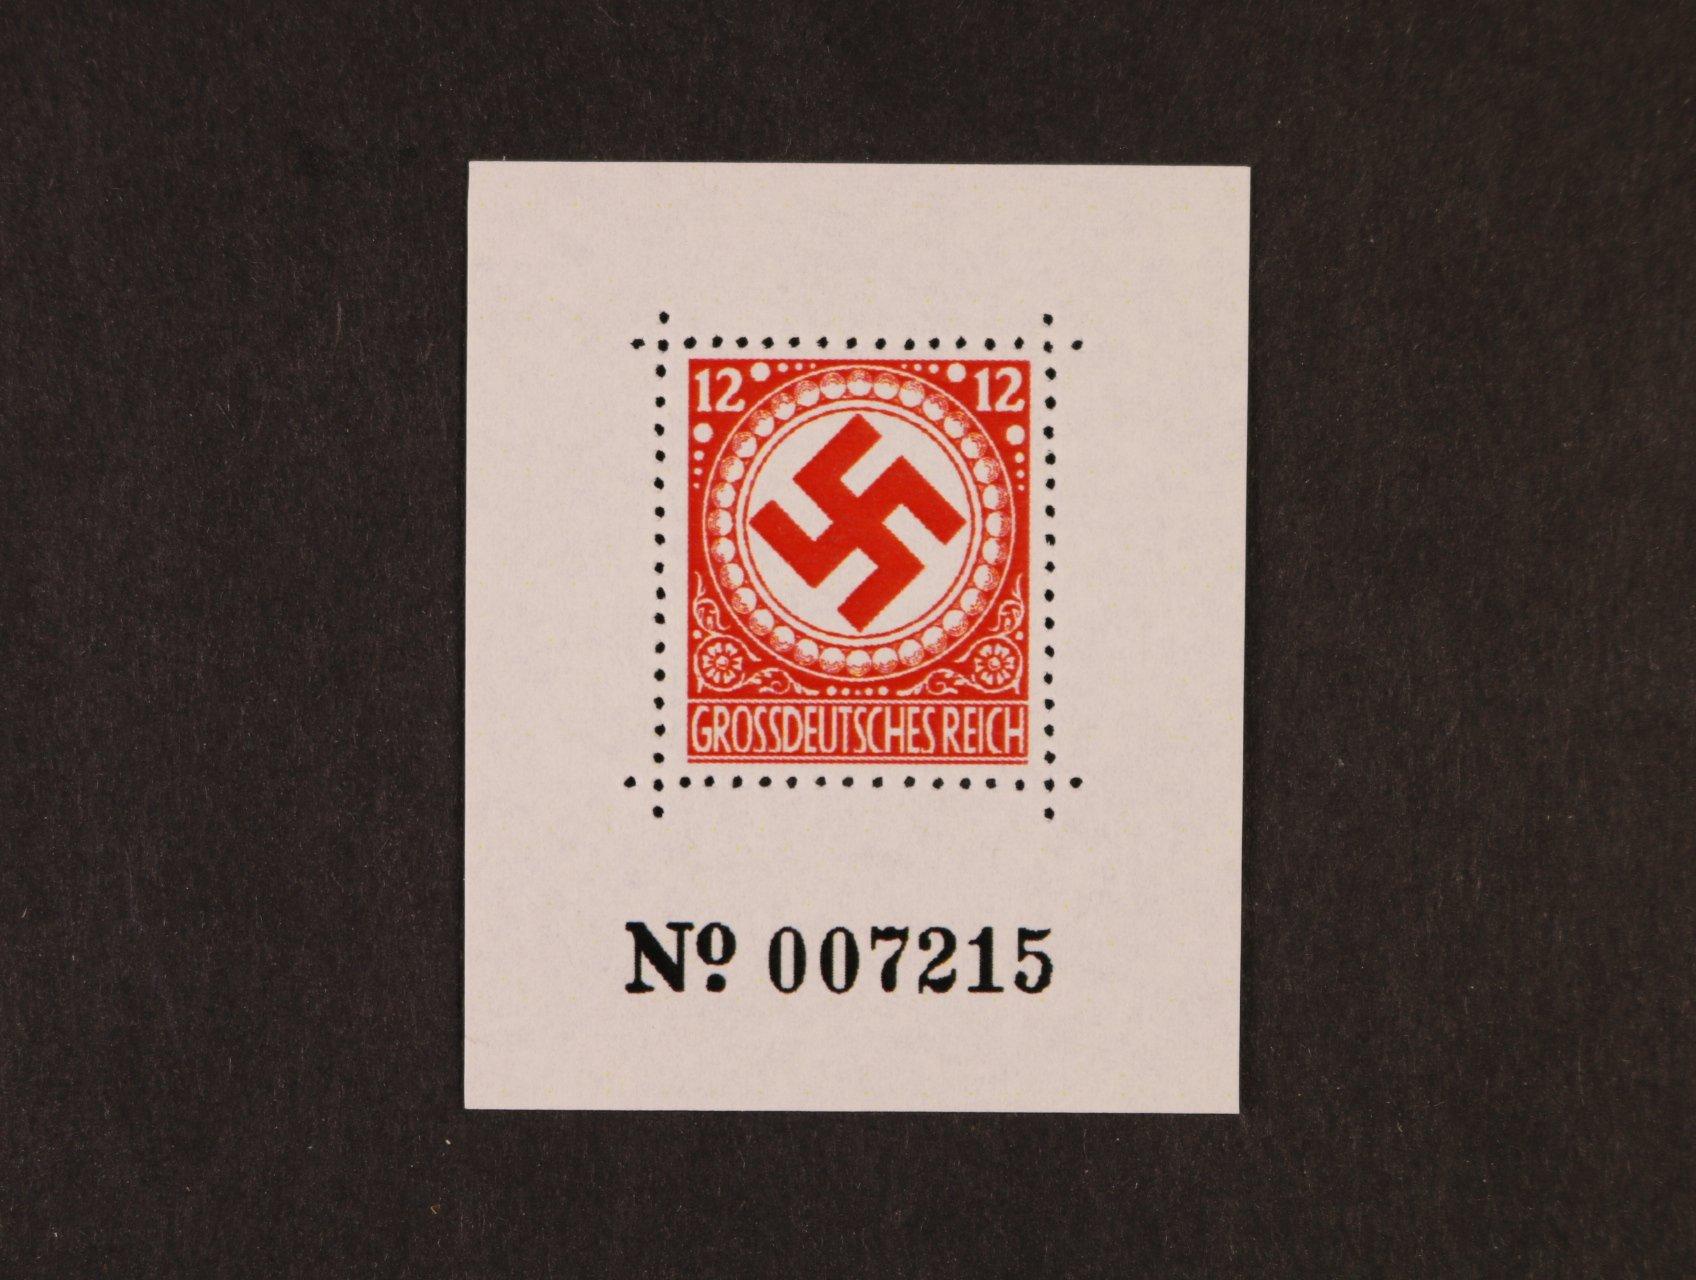 Propagační Falza - privátní tisk s hodnotou 12pf v červené barvě na kousku papíru v aršíkové úpravě, číslované